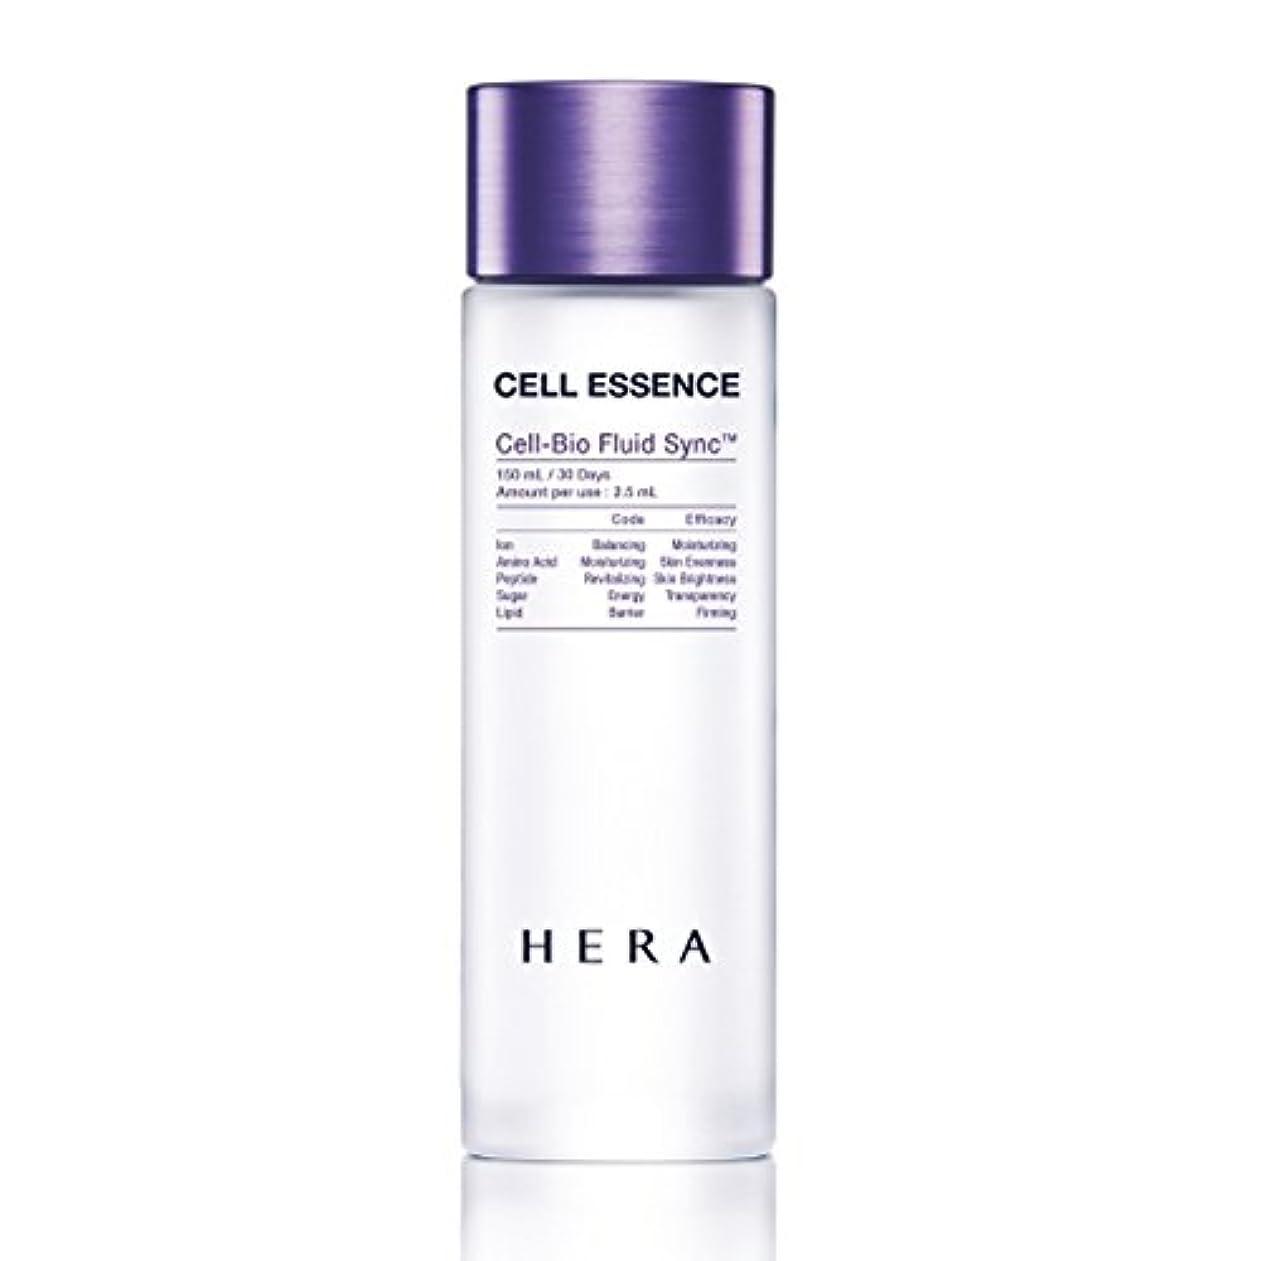 祖母日付建物[ヘラ/HERA]HERA CELL ESSENCE/ヘラ セル エッセンス 150ml【美容液】(海外直送品)